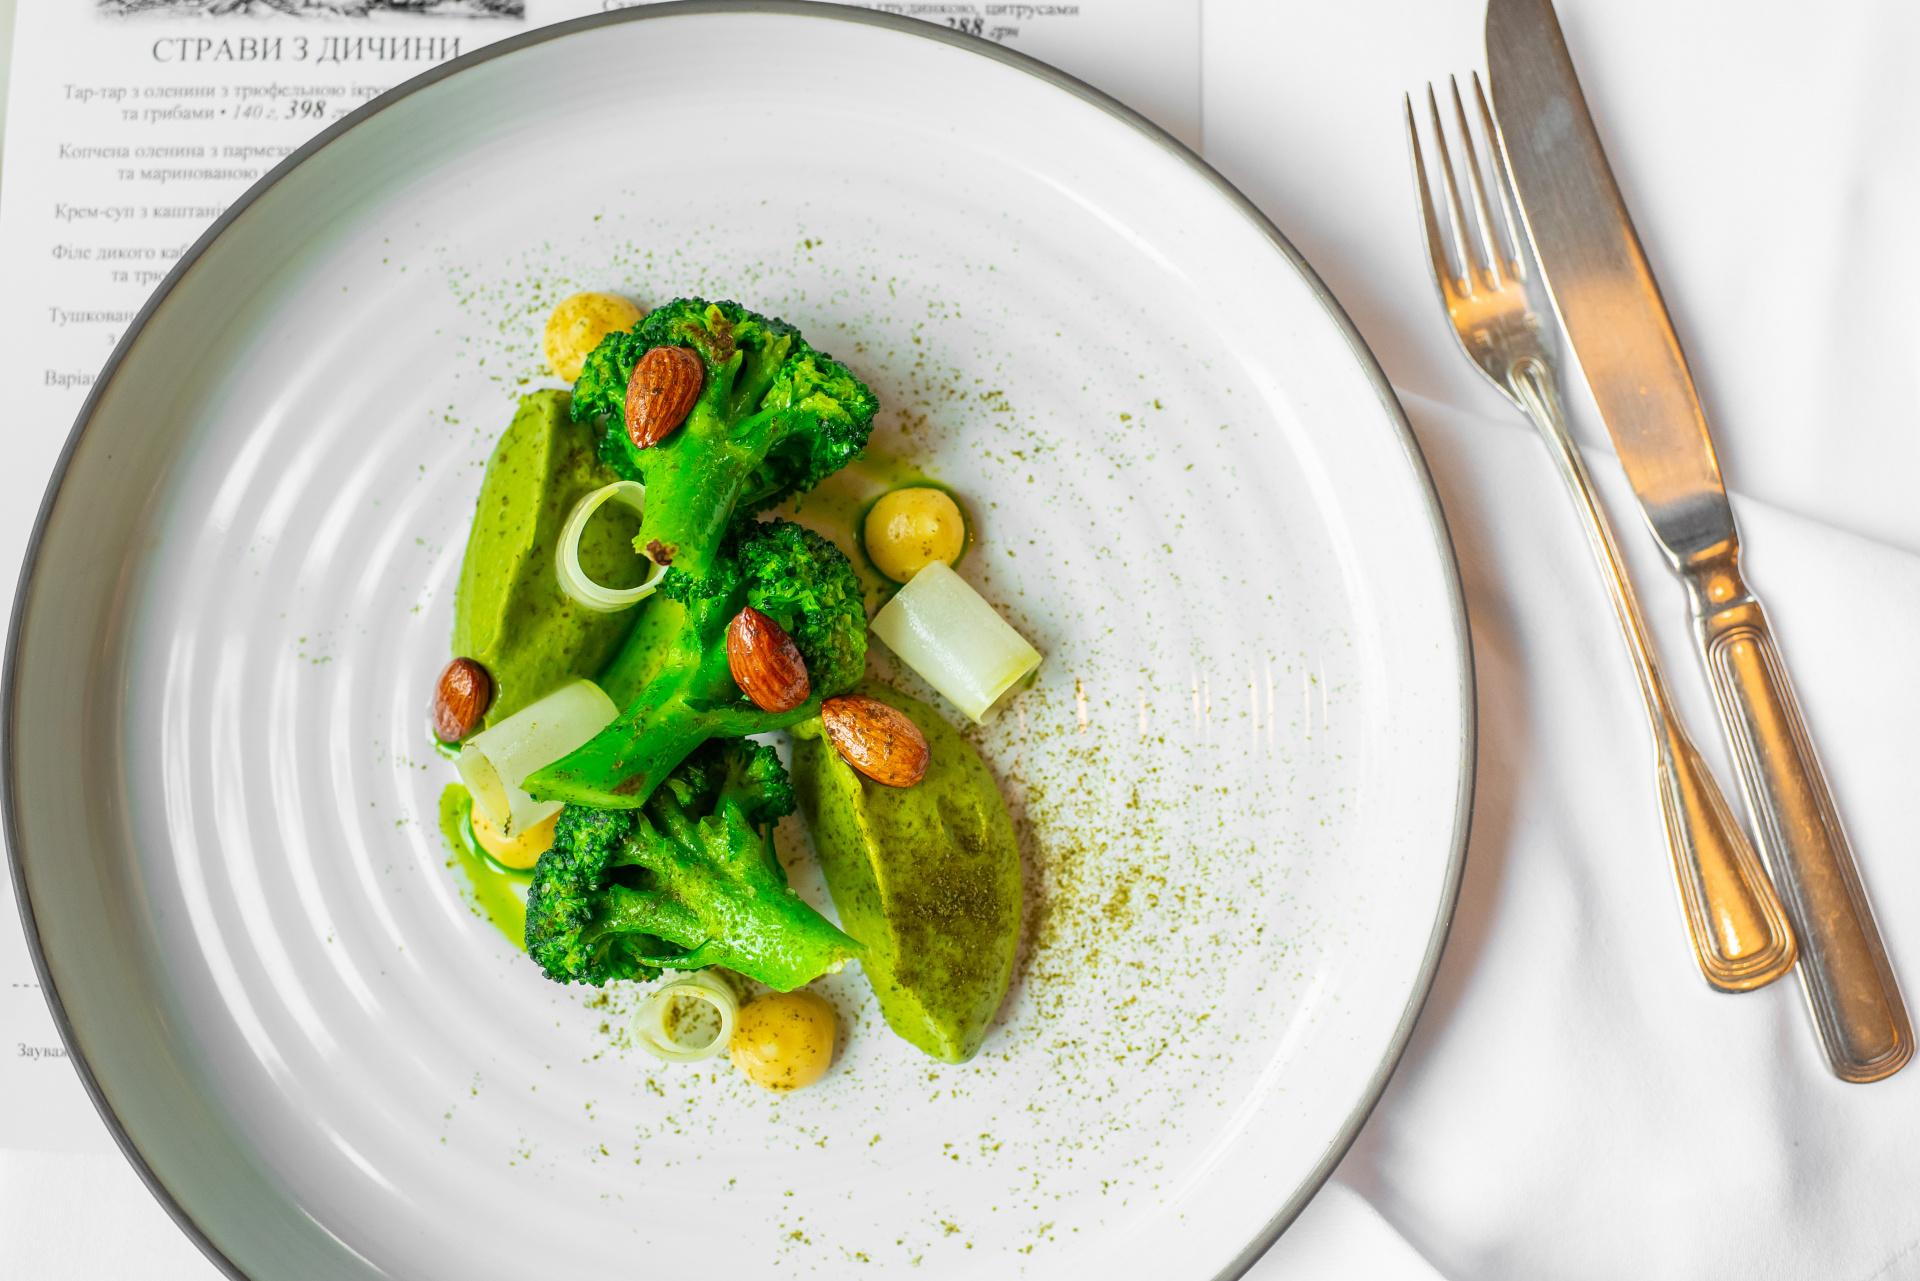 Brokolice, brokolicové pyré, citrónové pyré, uzené mandle a olej z petrželky a nori řasy